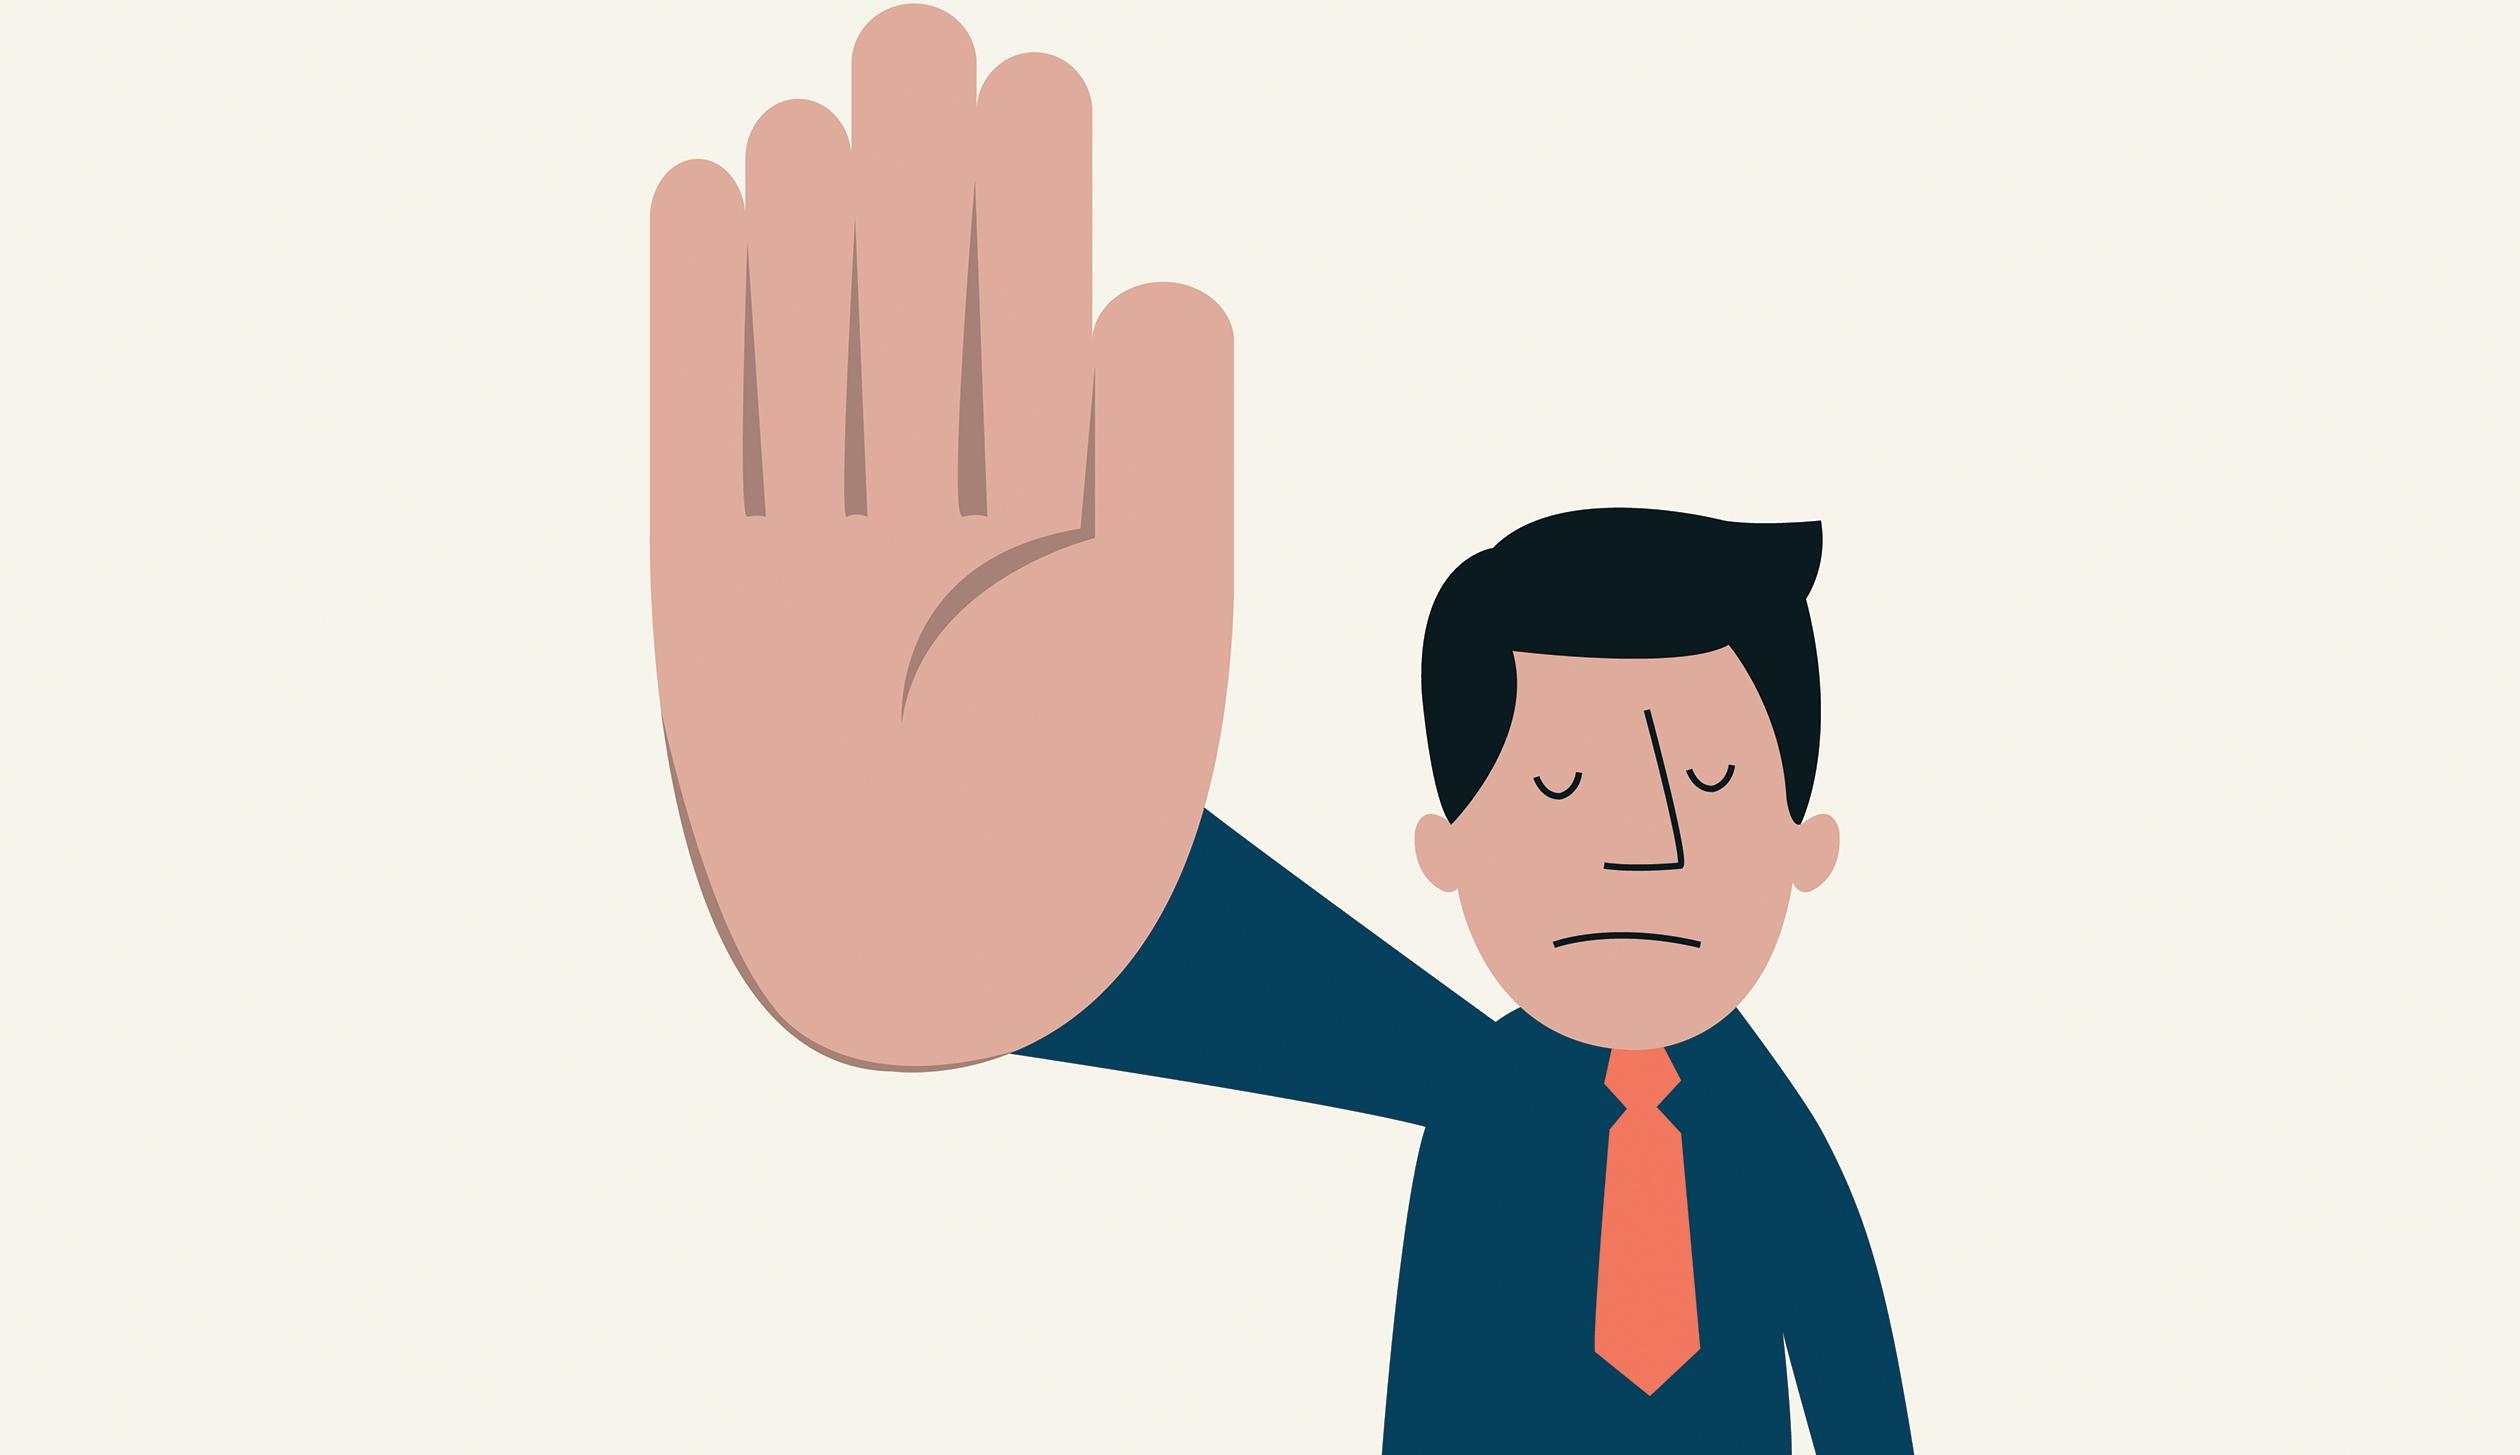 چگونه مؤدبانه و حرفهای نه بگوییم؟